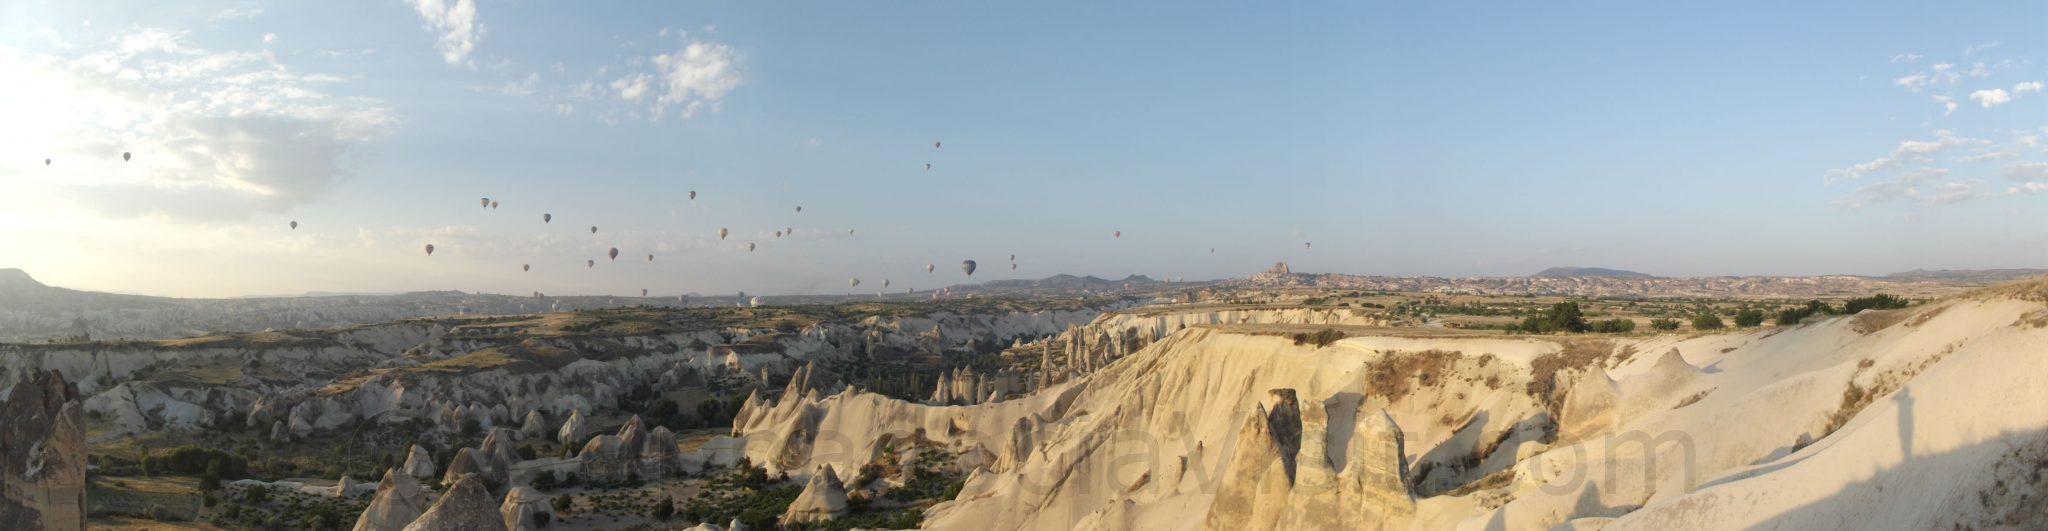 Каппадокия - Панорама с шарами